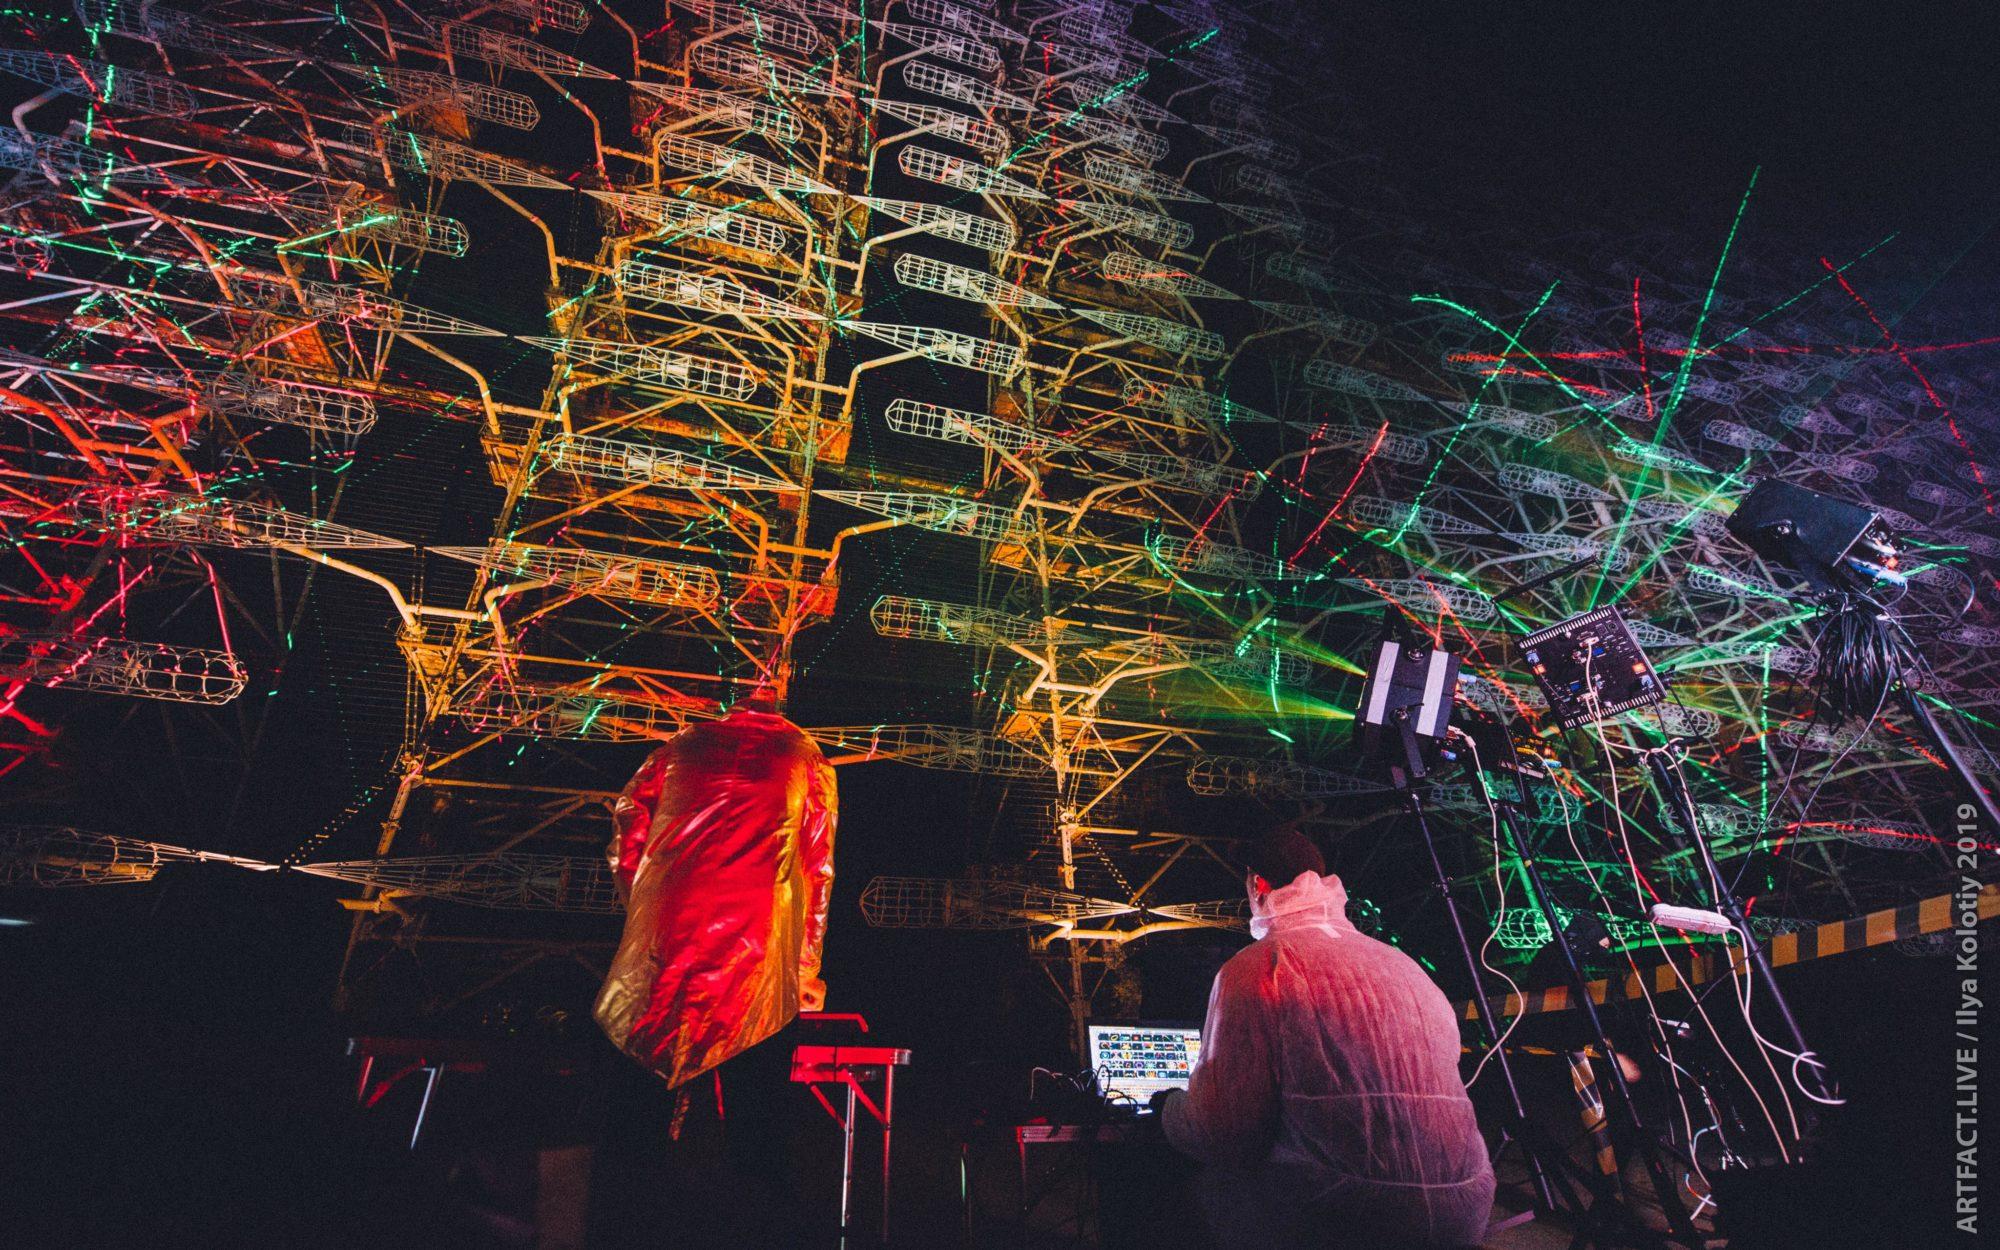 """Діджитал-скульптура """"Чорнобильське сяйво"""" стала рекордом України (відео) -  - 73233563 451107692191430 9008759620654596096 n 2000x1250"""